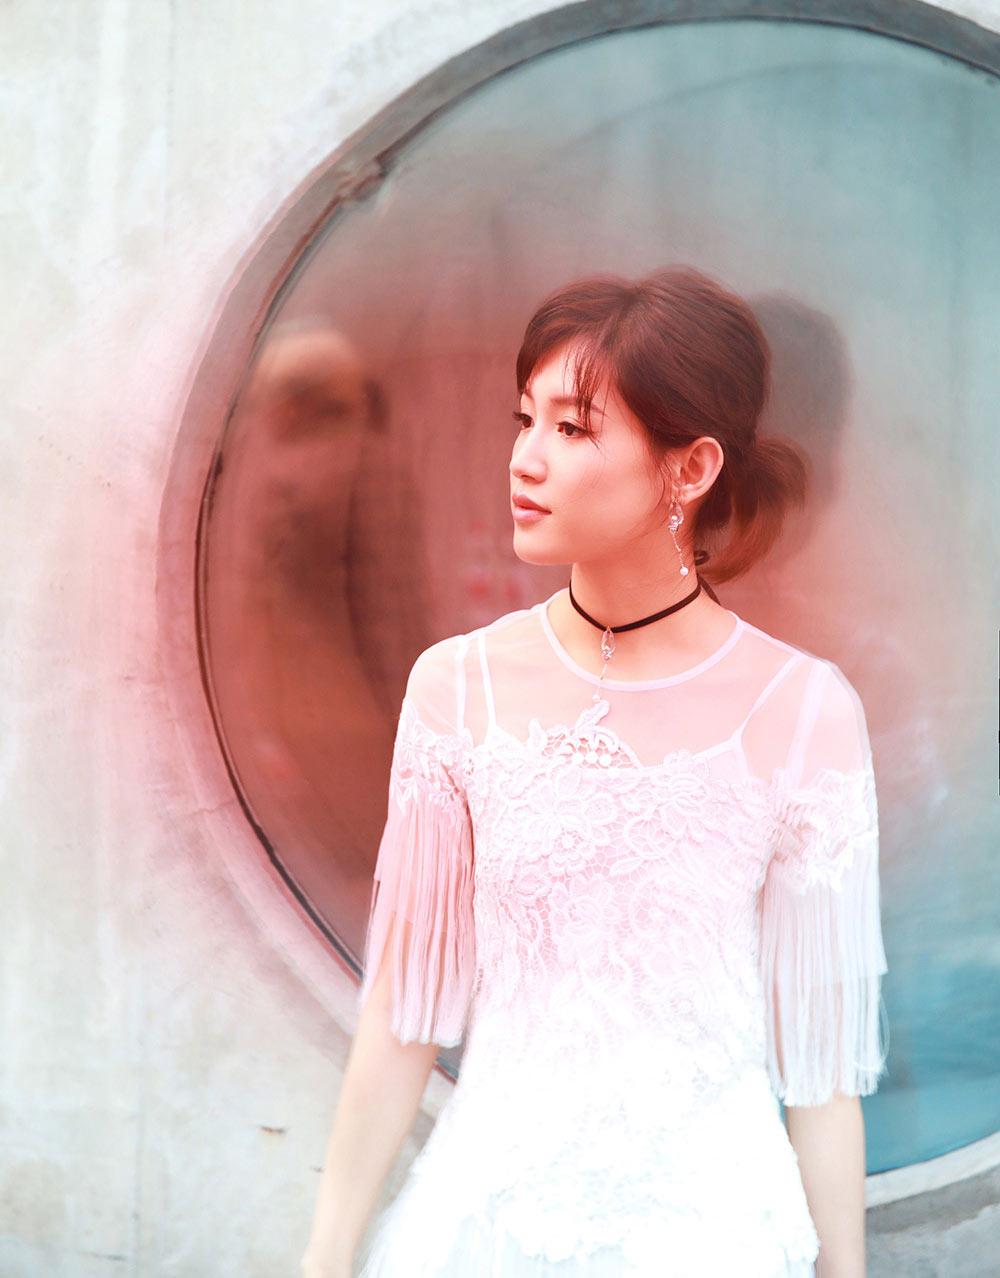 苏青白色流苏裙亮相活动 造型复古尽显优雅灵动